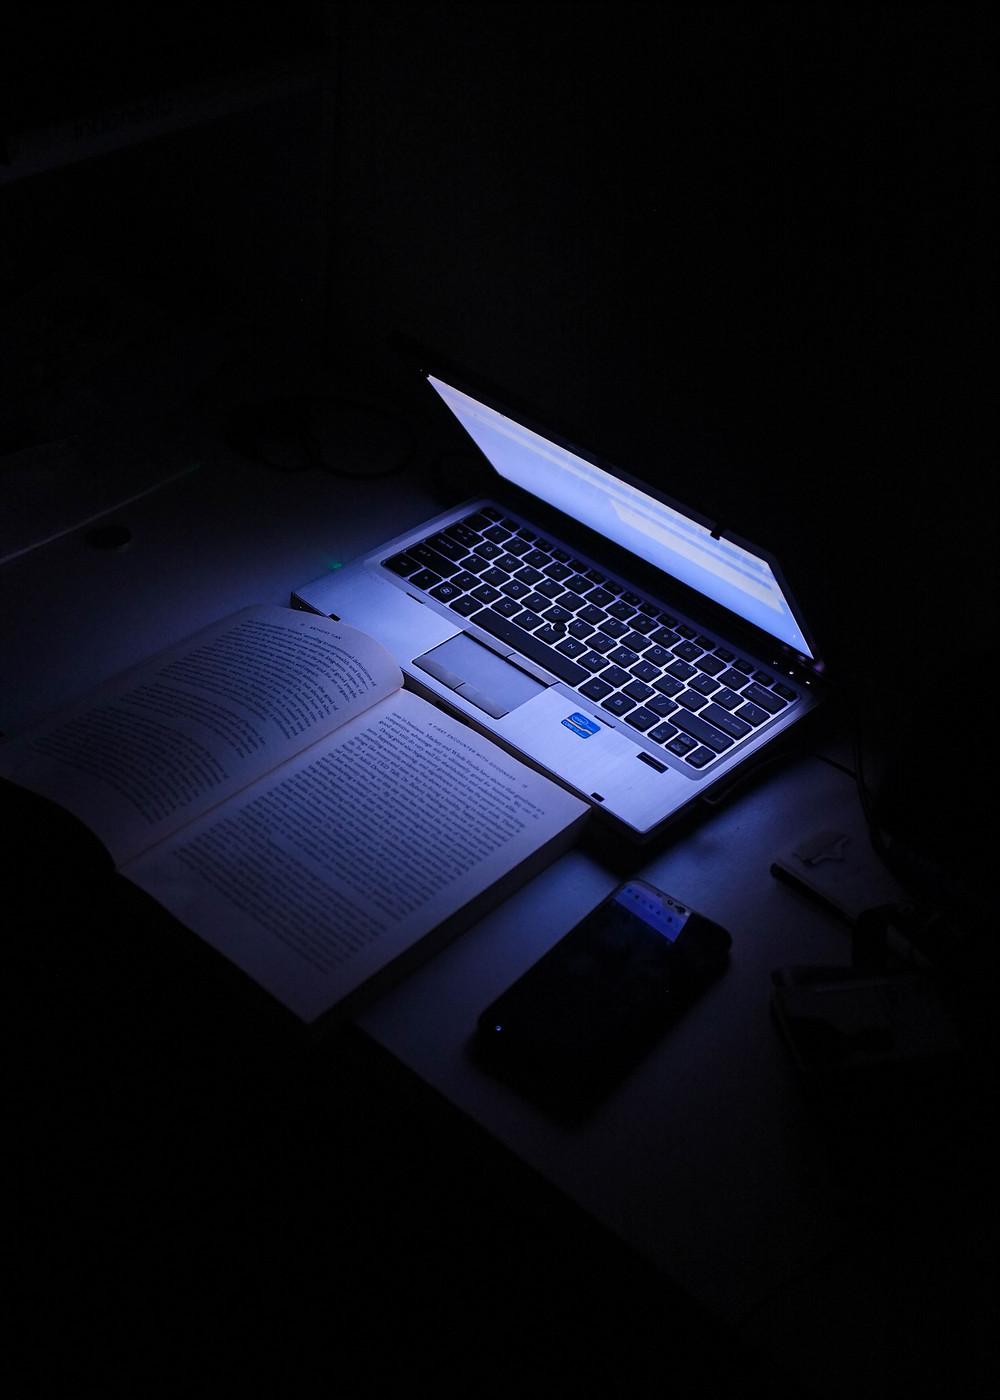 לפטופ של חברת אייץ' פי מדגם פבילון על שולחן עבודה חשוך עם ספר וטלפון נייד